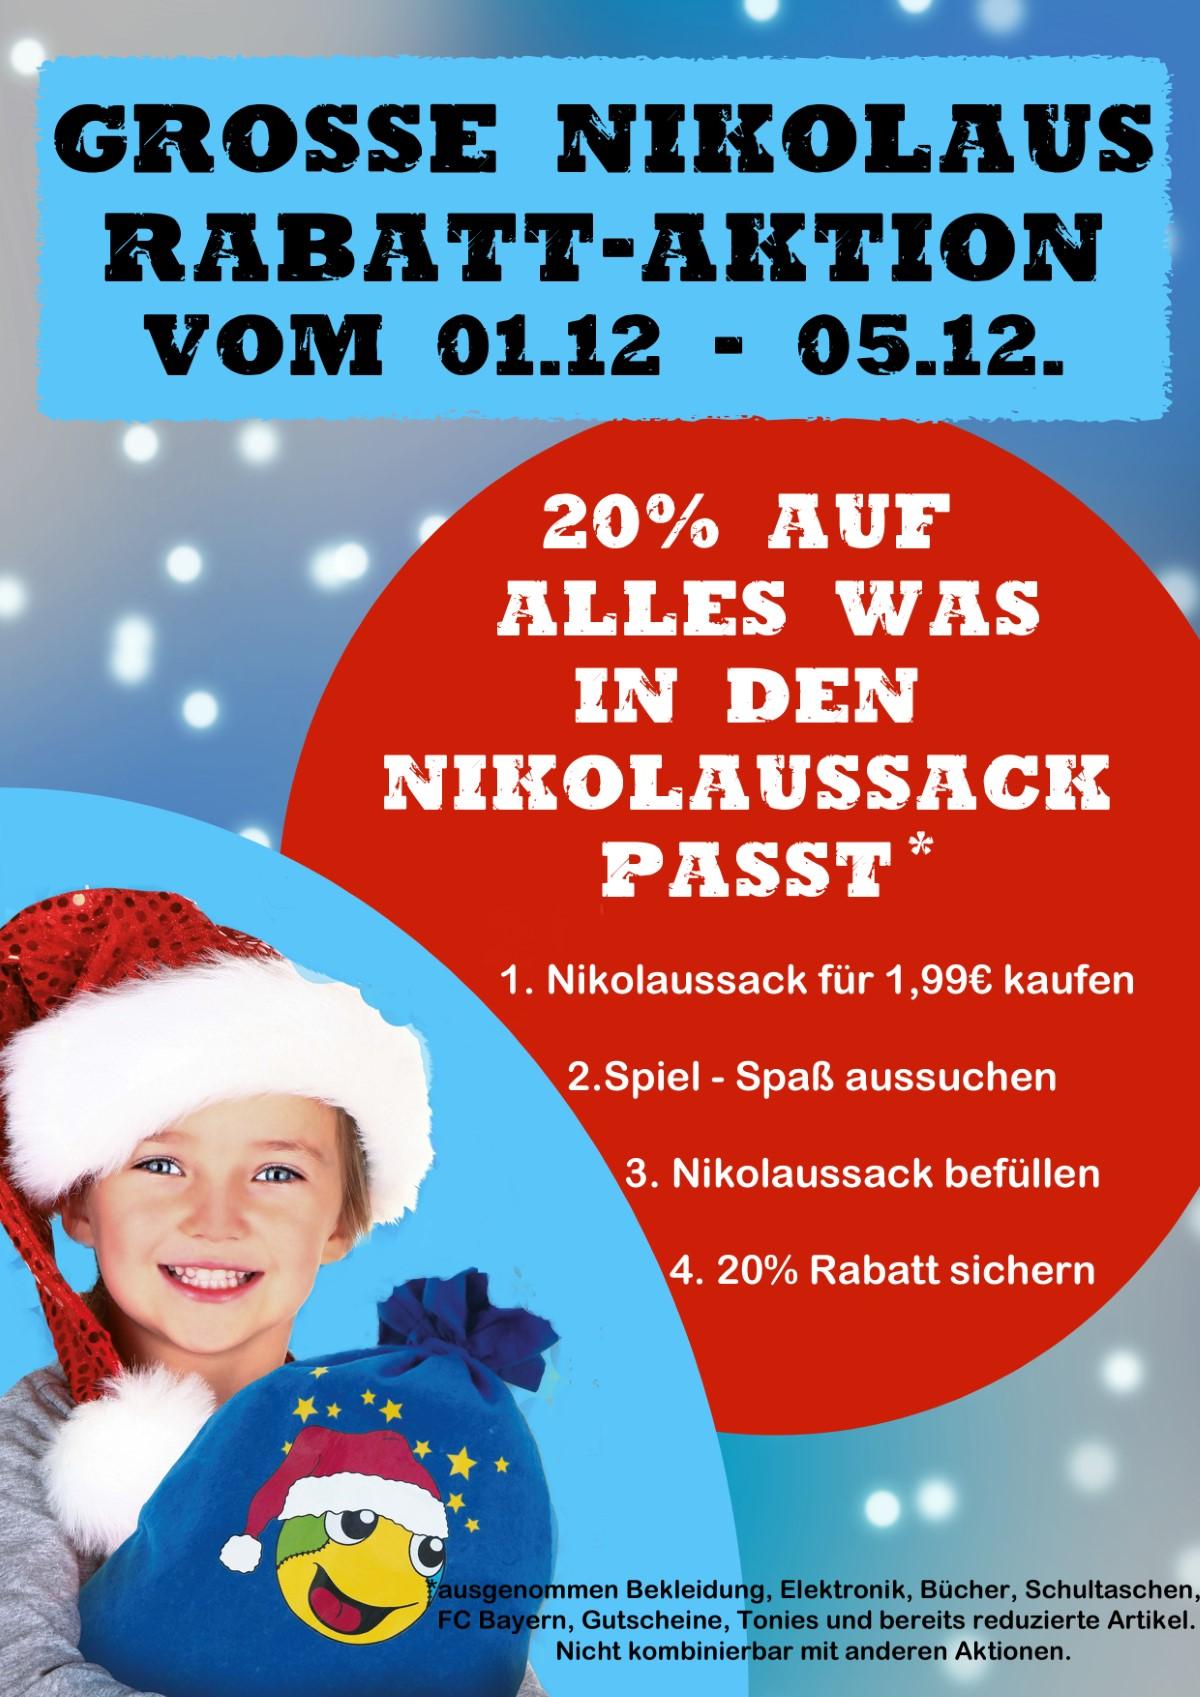 20% Auf Alles Was In Den Nikolaussack Passt.